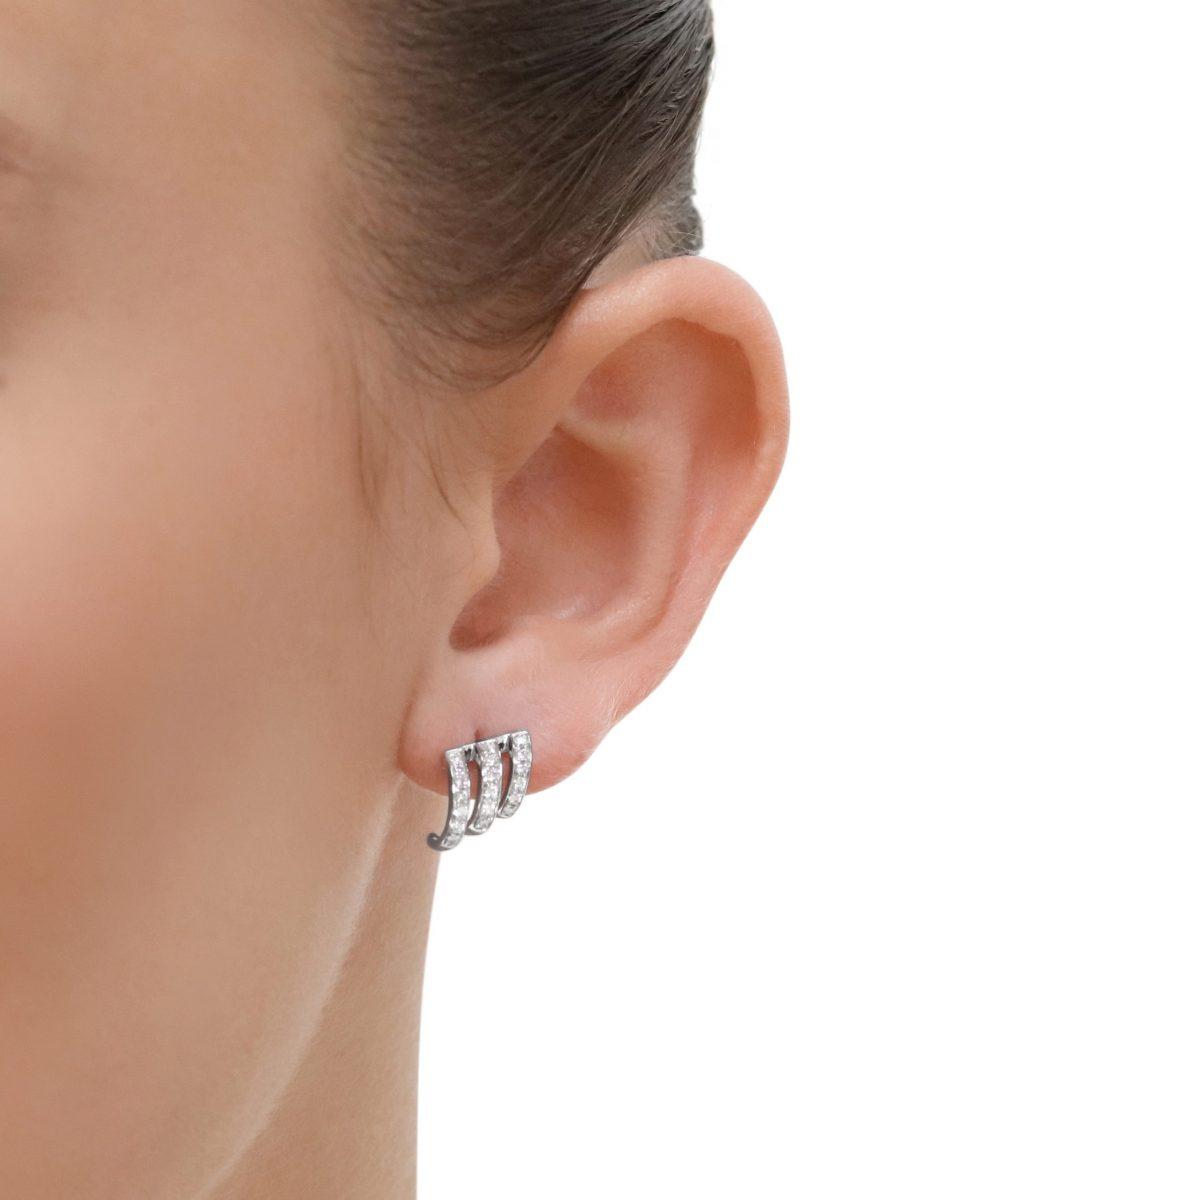 White Gold Diamond Stud Earrings